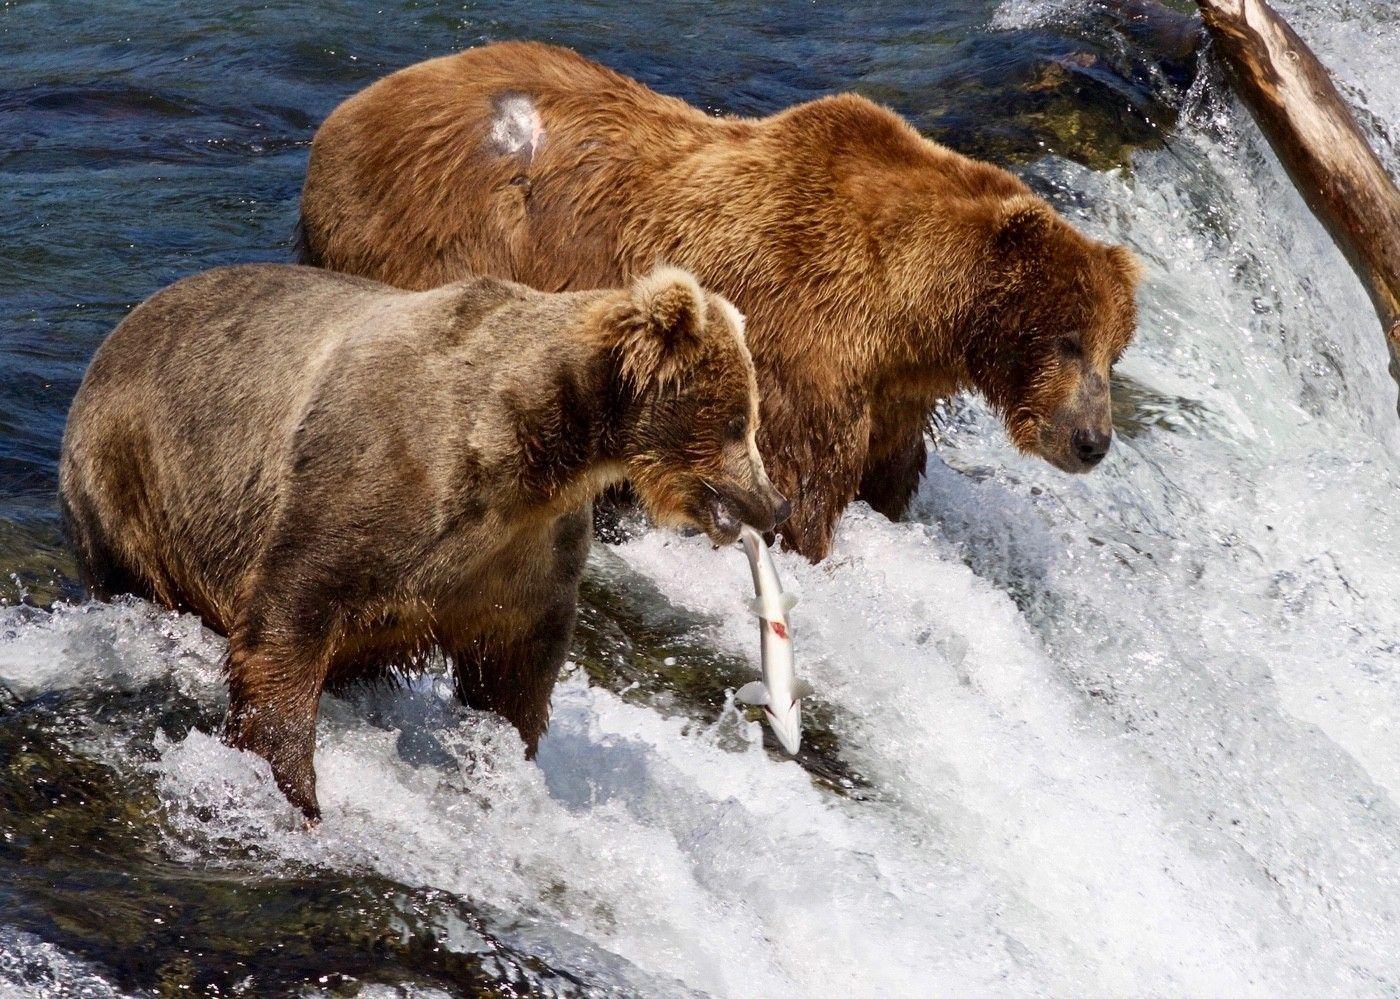 Brown bears fish at the falls.